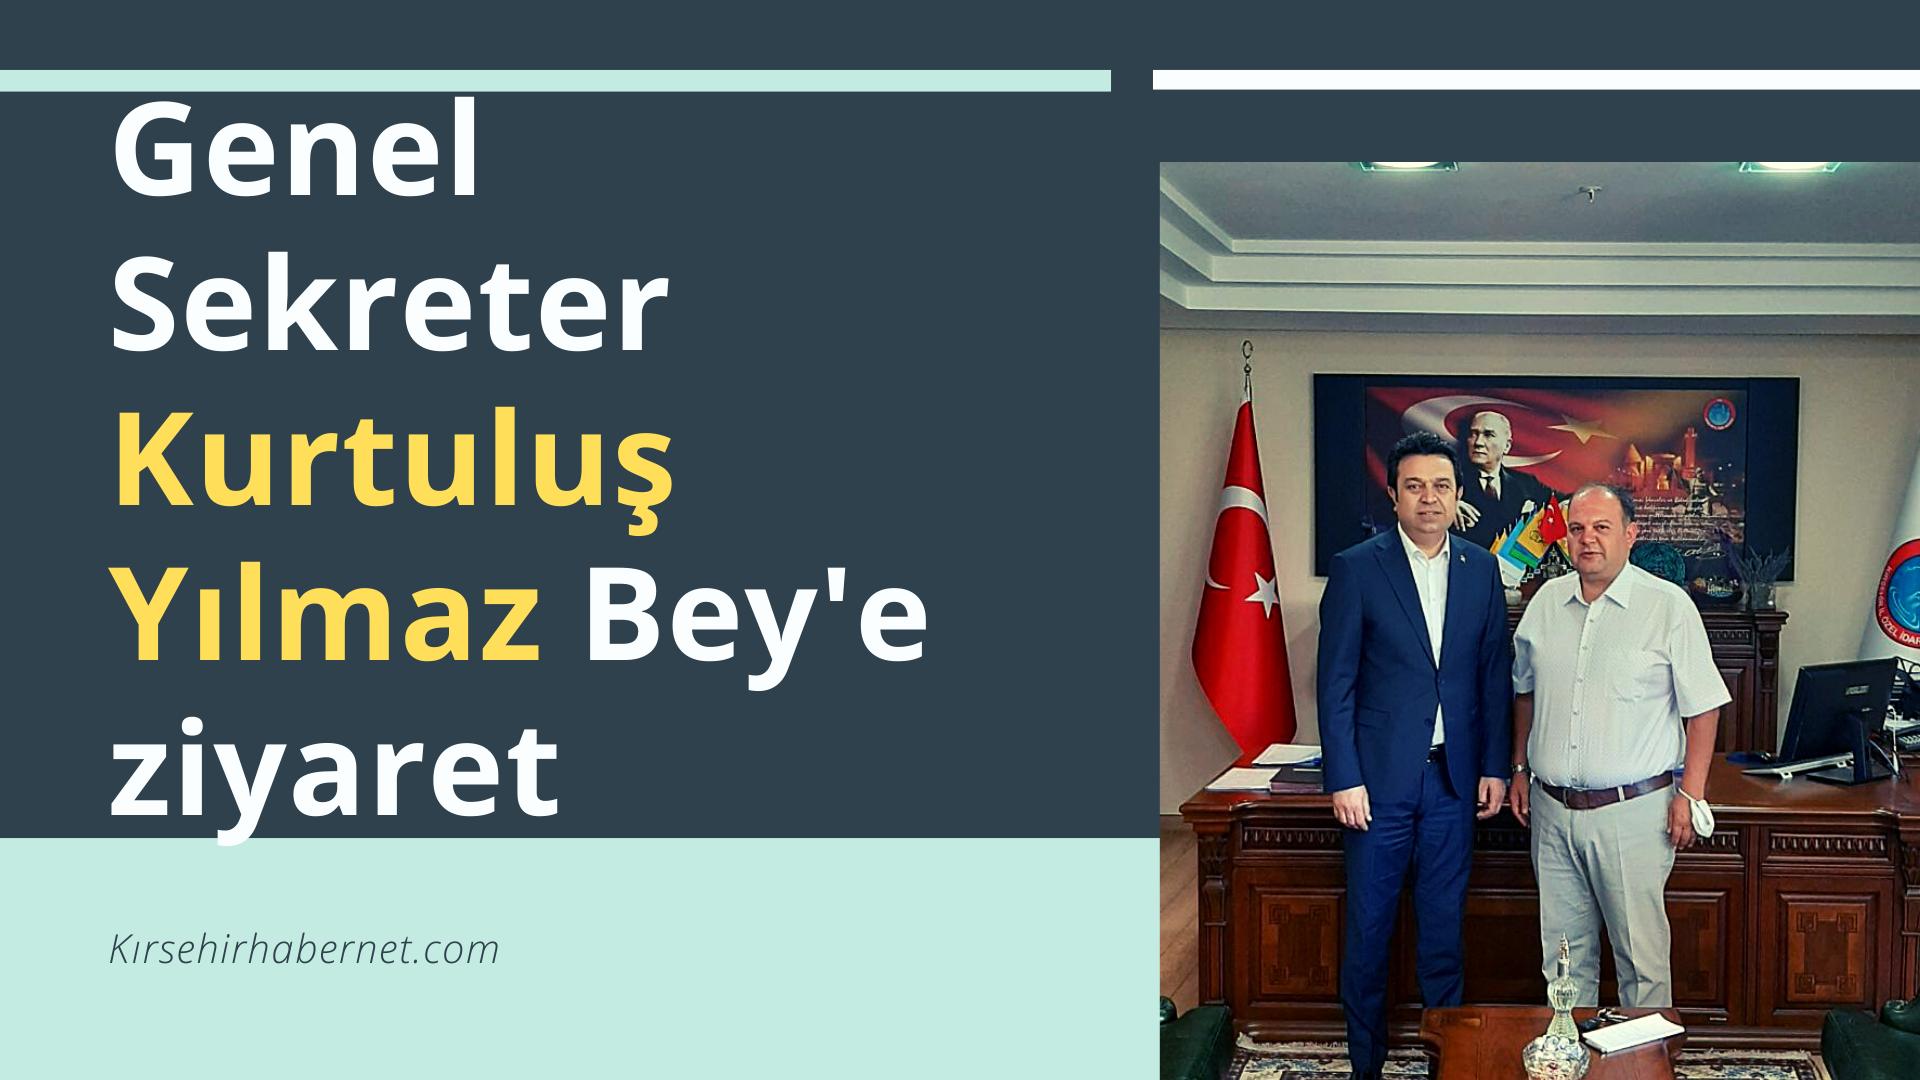 İL ÖZEL İDARESİ GENEL SEKRETERİ ZİYÂRET EDİLDİ !!